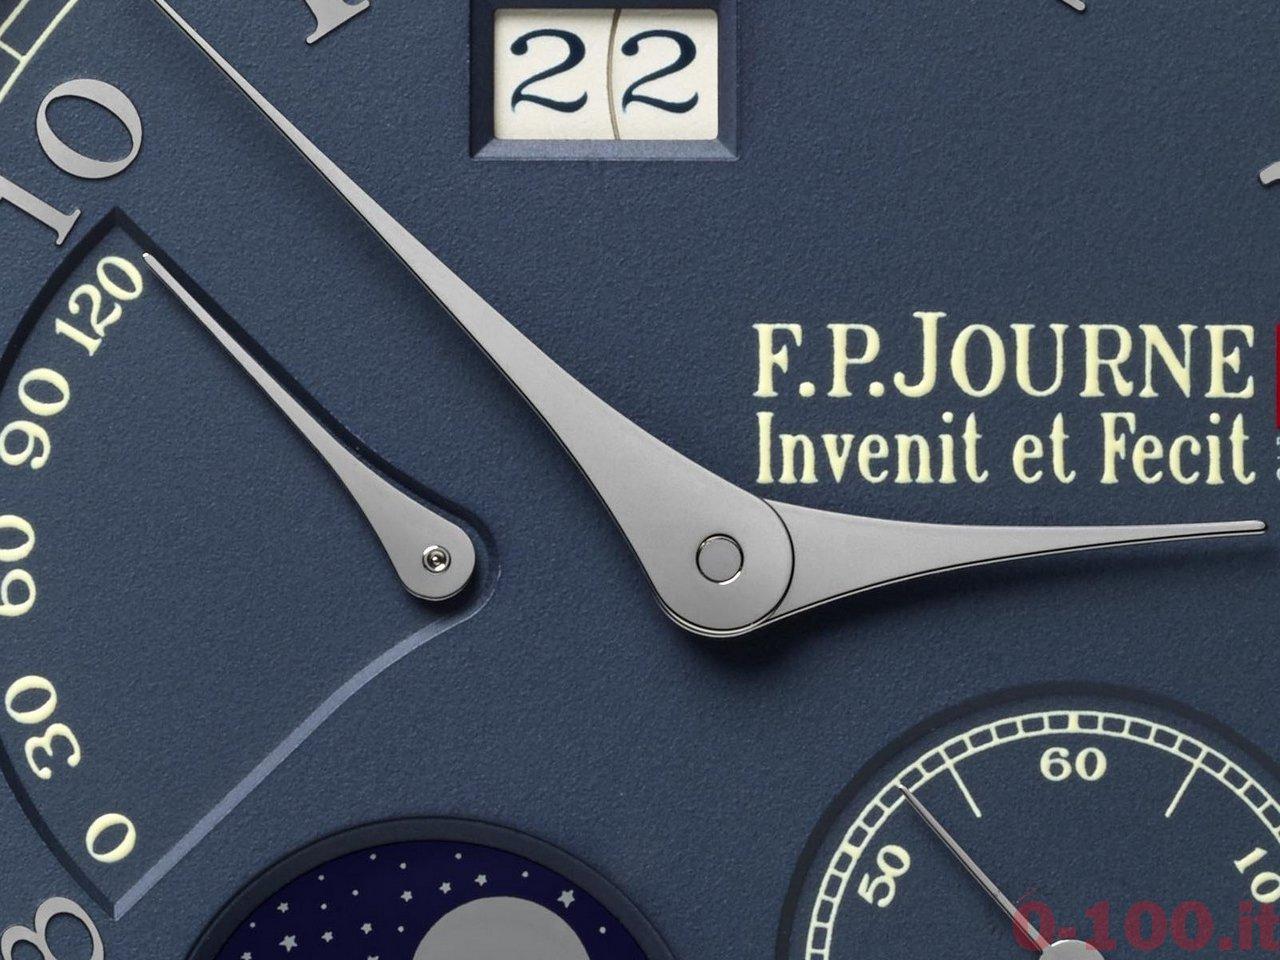 f-p-journe-octa-automatique-lune-50-anni-di-relazioni-tra-francia-e-cina-0-100_5